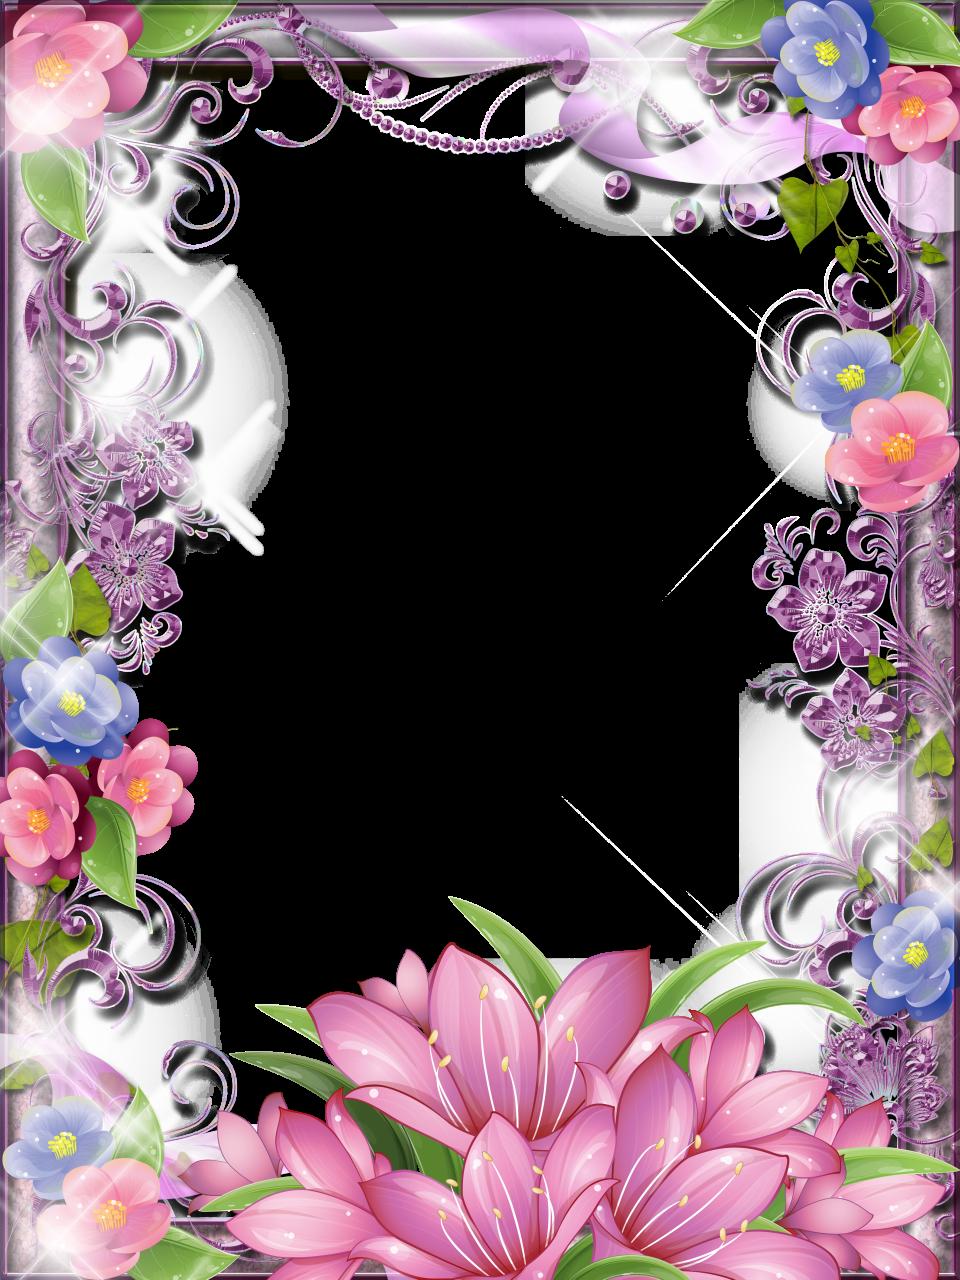 http://img-fotki.yandex.ru/get/5634/41771327.358/0_87ae6_cb1eee30_orig.png